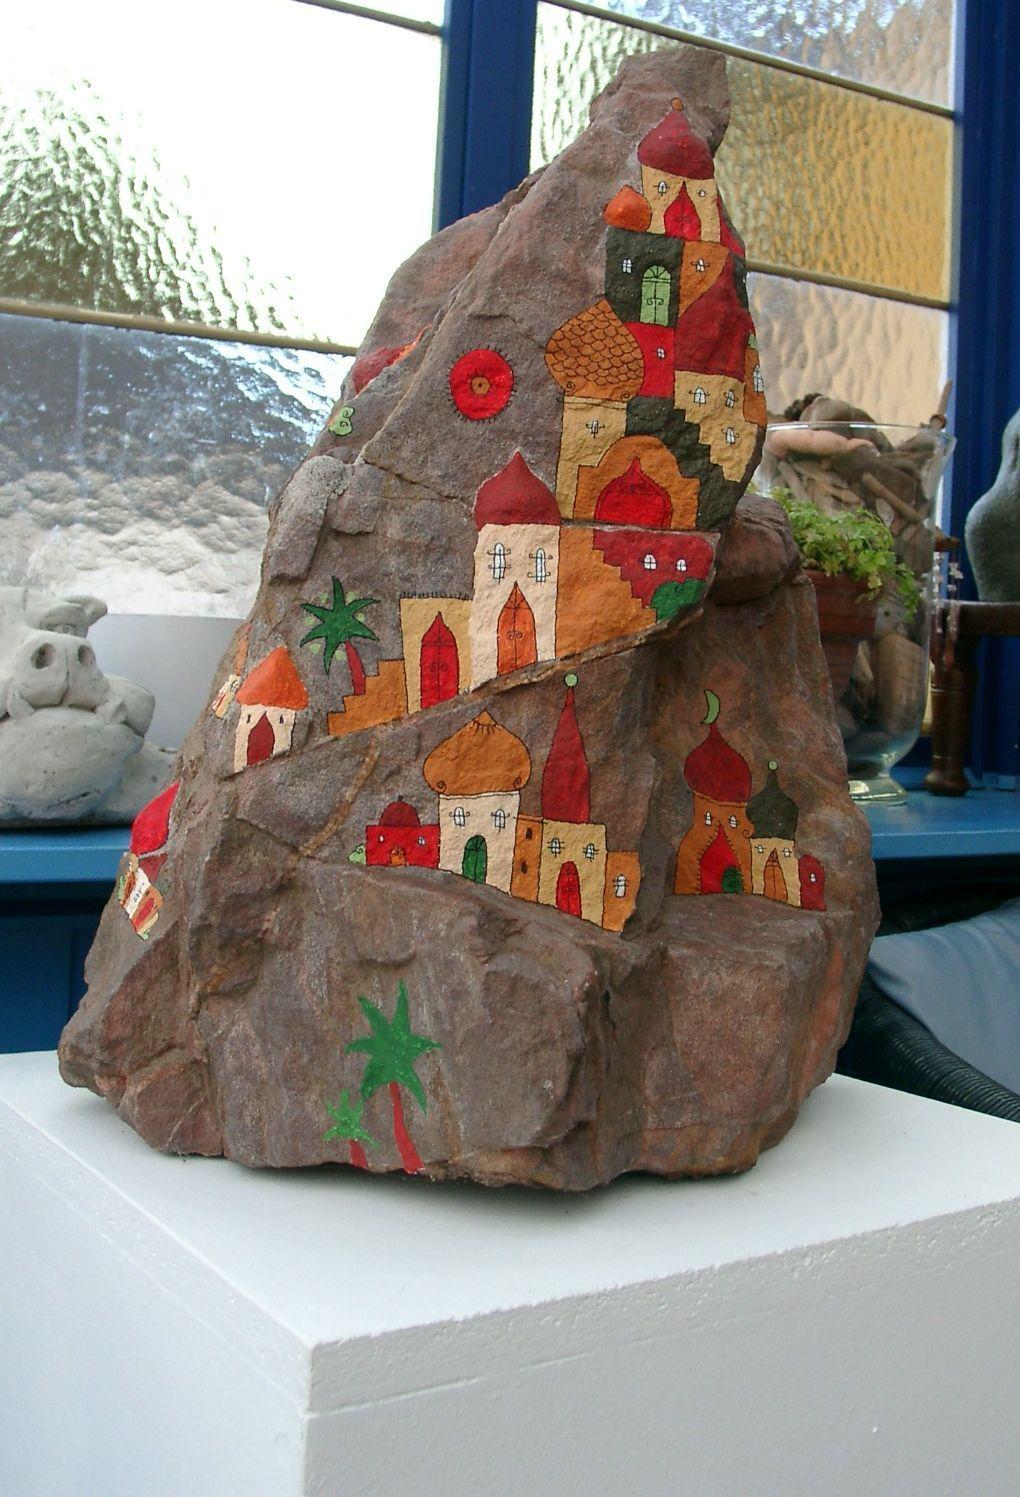 bemalte Steine, rock painting, stone painting, glücksteine, DIY, Anleitung steine bemalen, Engel, Schutzengel, Sonne, Stone drawing, Stone art, #steinebemalenanleitung